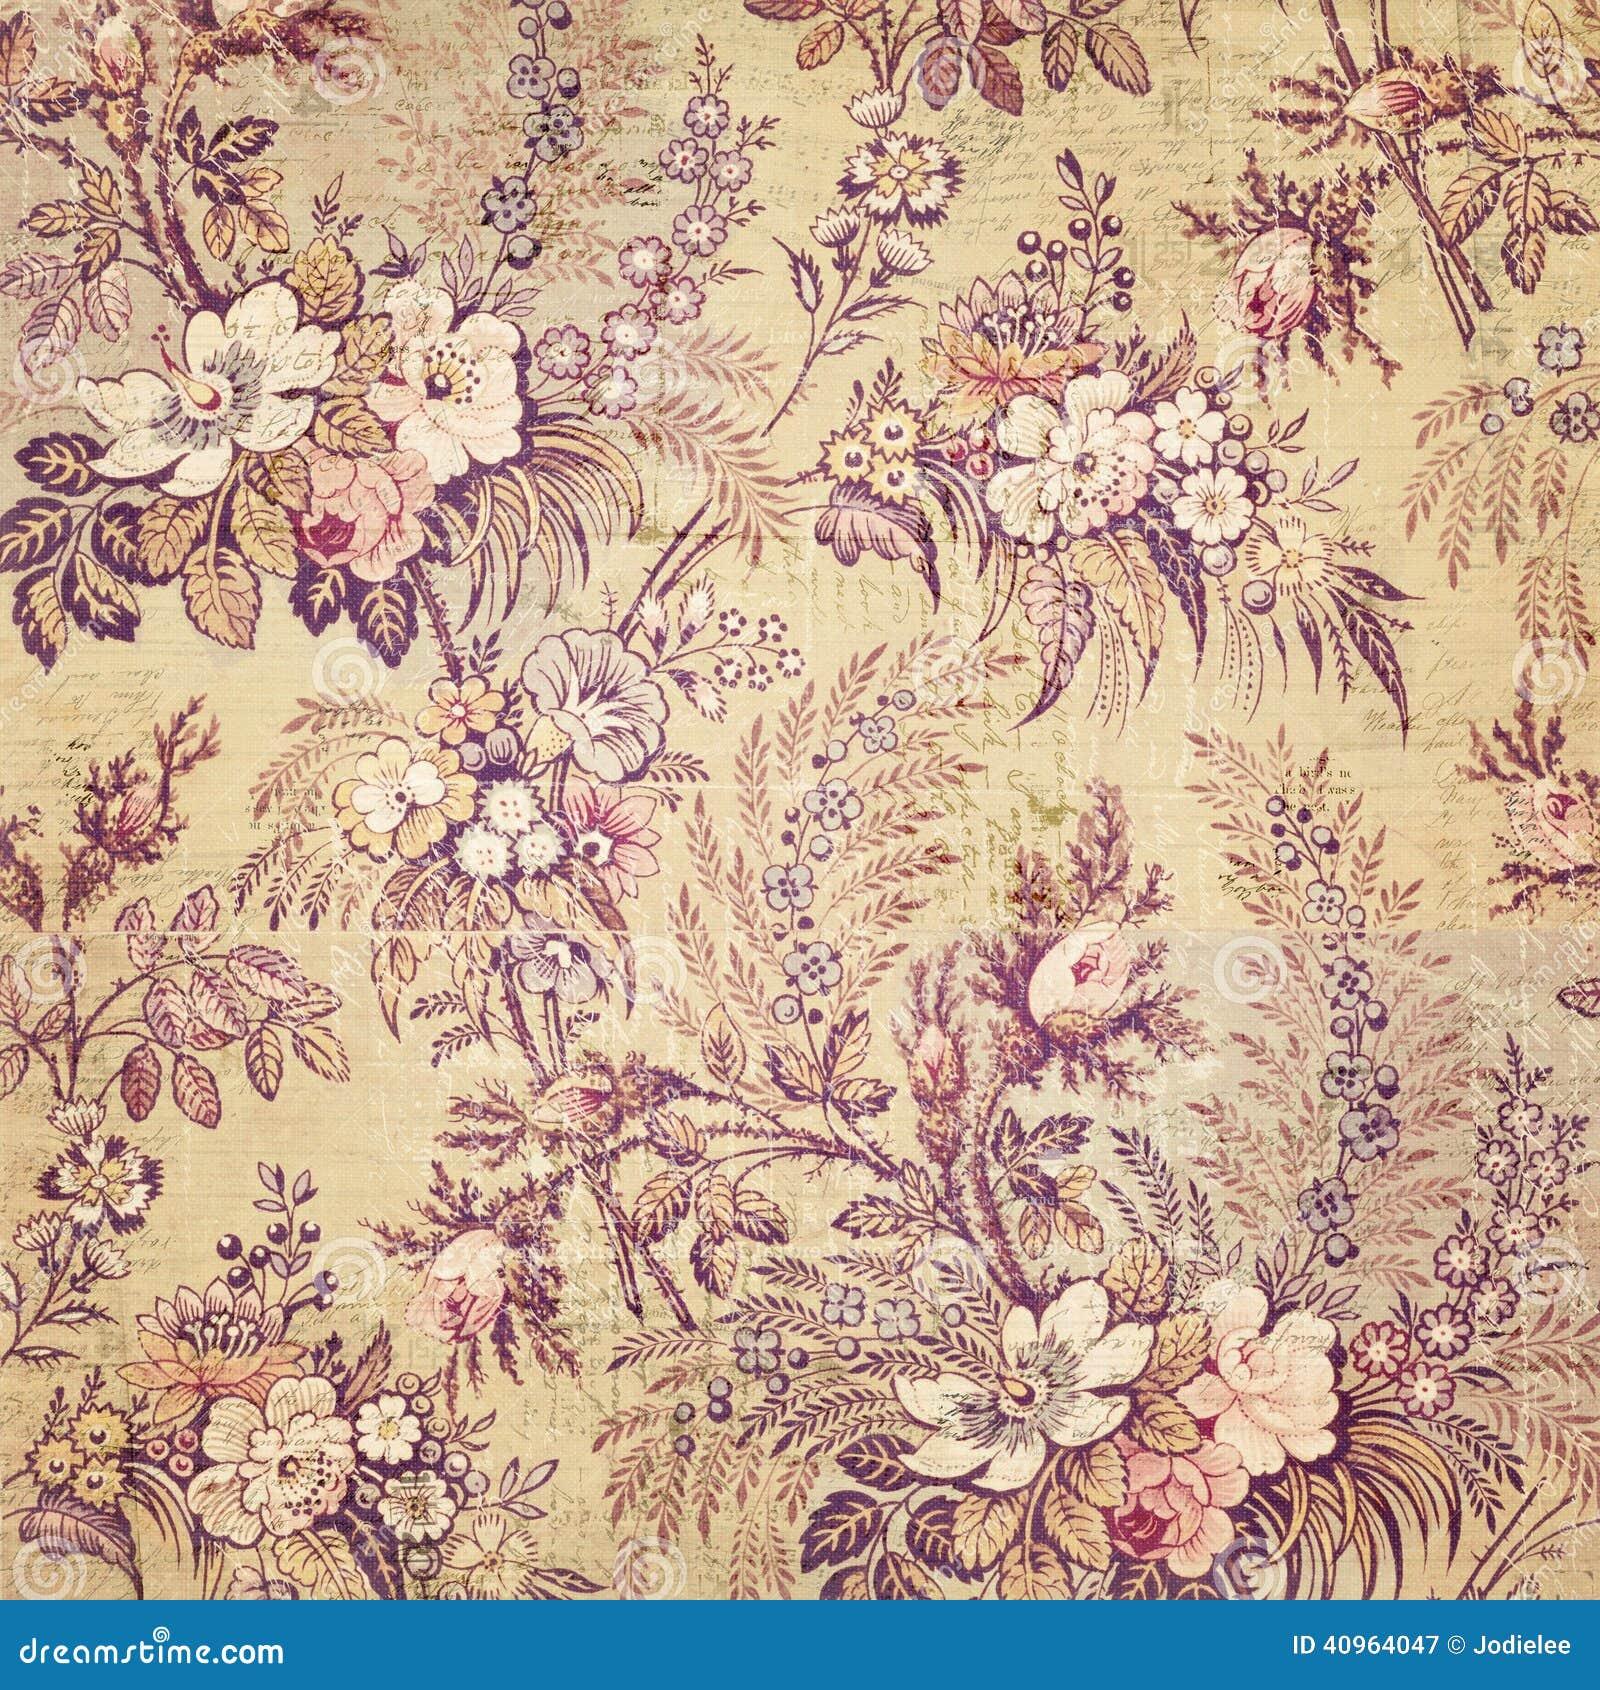 Wallaper chique gasto floral francês do vintage